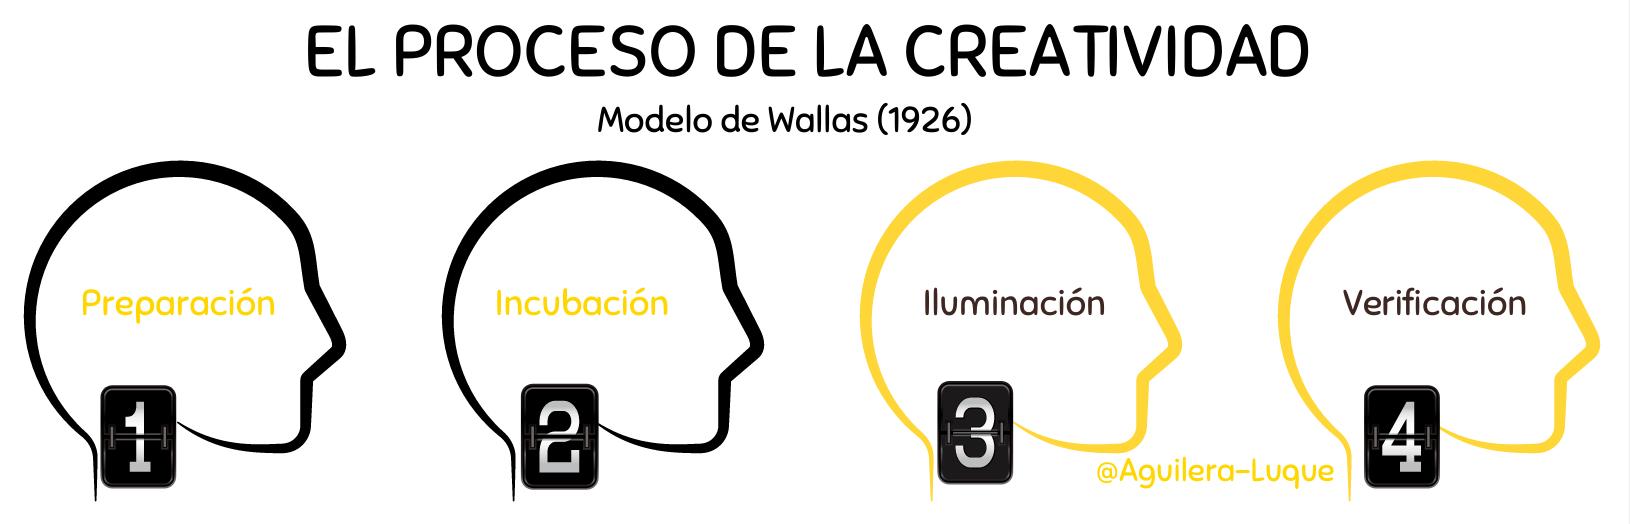 Proceso de la creatividad